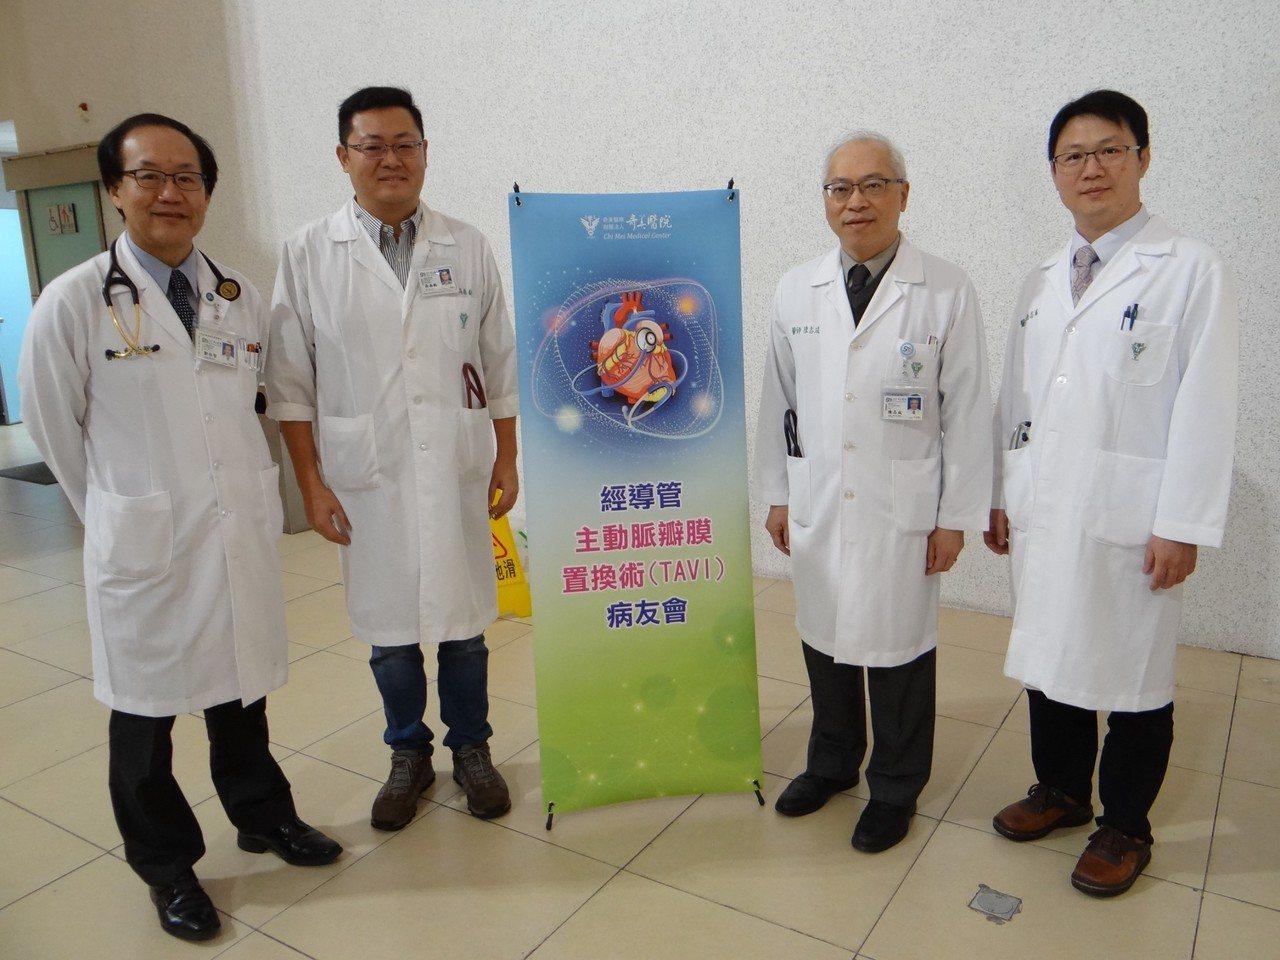 心臟血管外科主任鄭伯智(左起)、外傷科主任暨心臟血管外科主治醫師吳南鈞、心臟血管...